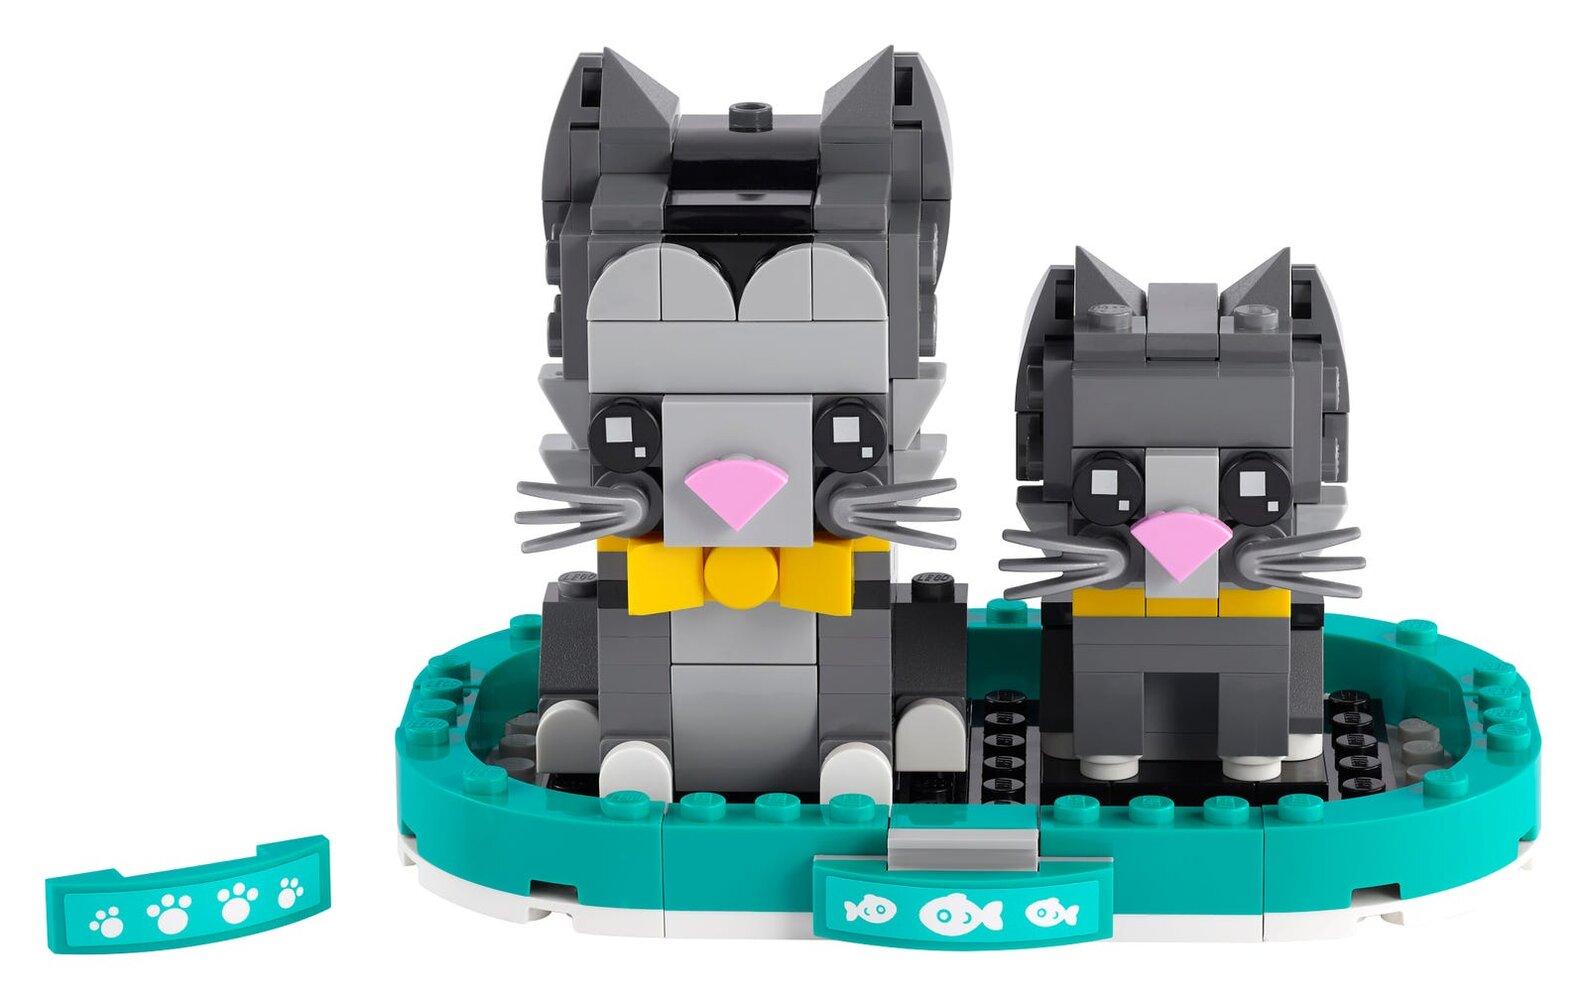 Shorthair Cat and Kitten